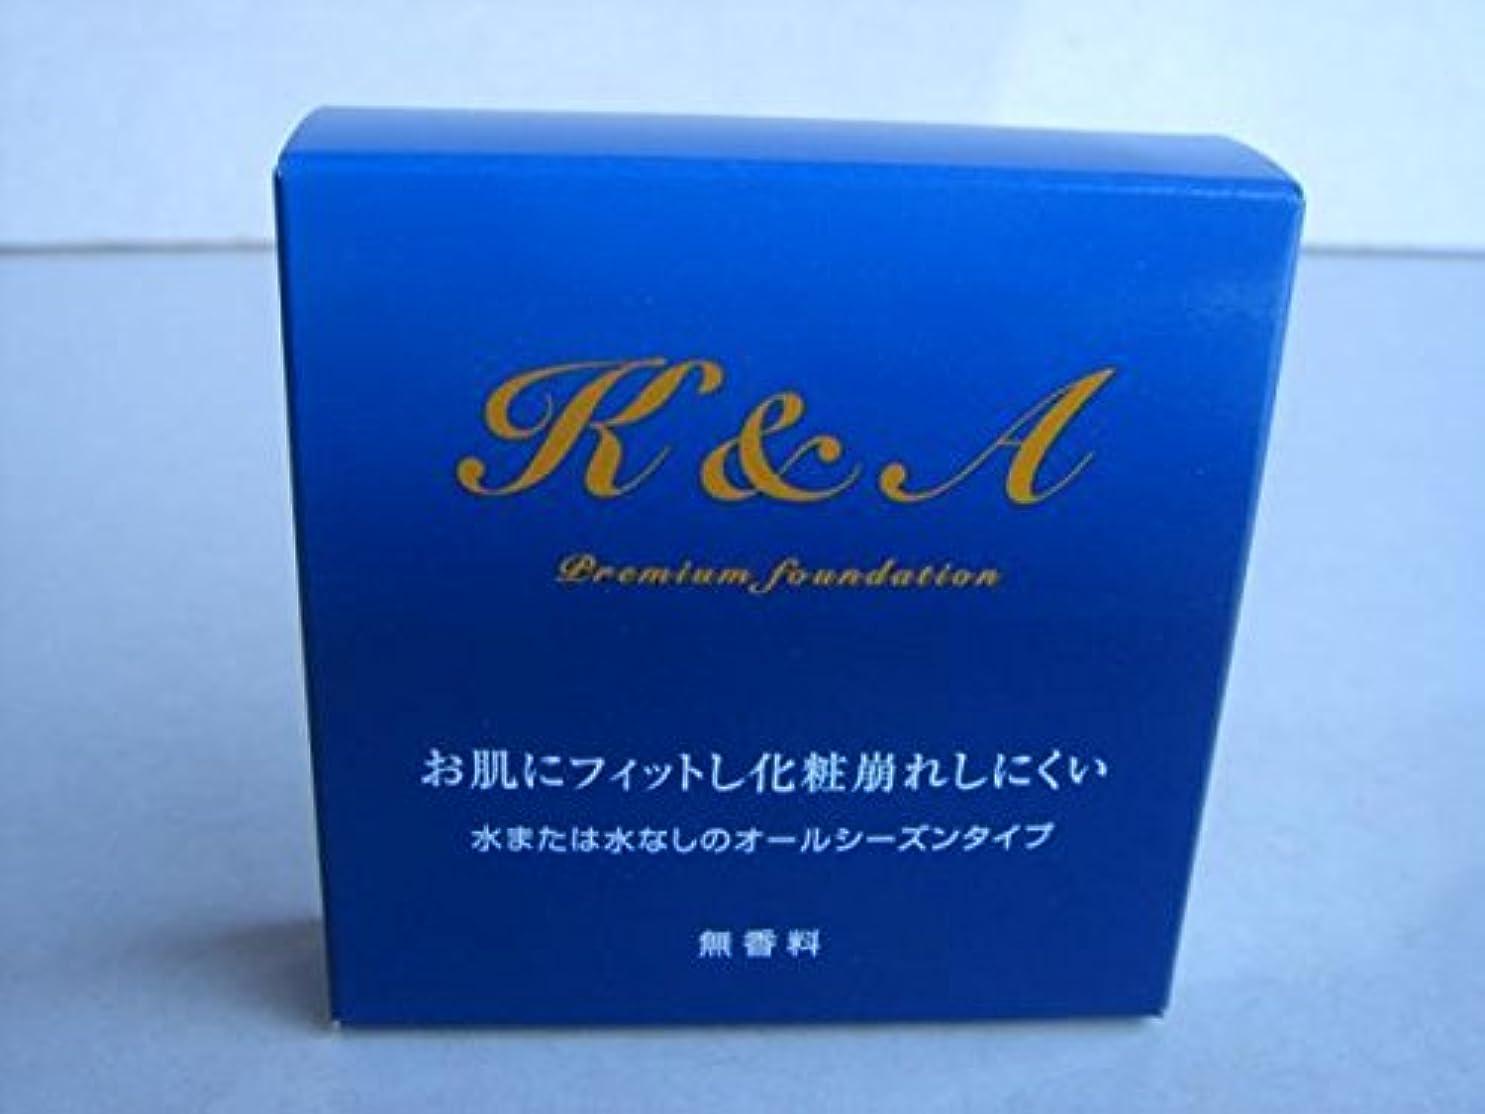 カロリーループ準備した定価5400円 オークル色 インディライミ プレミアムファンデーション